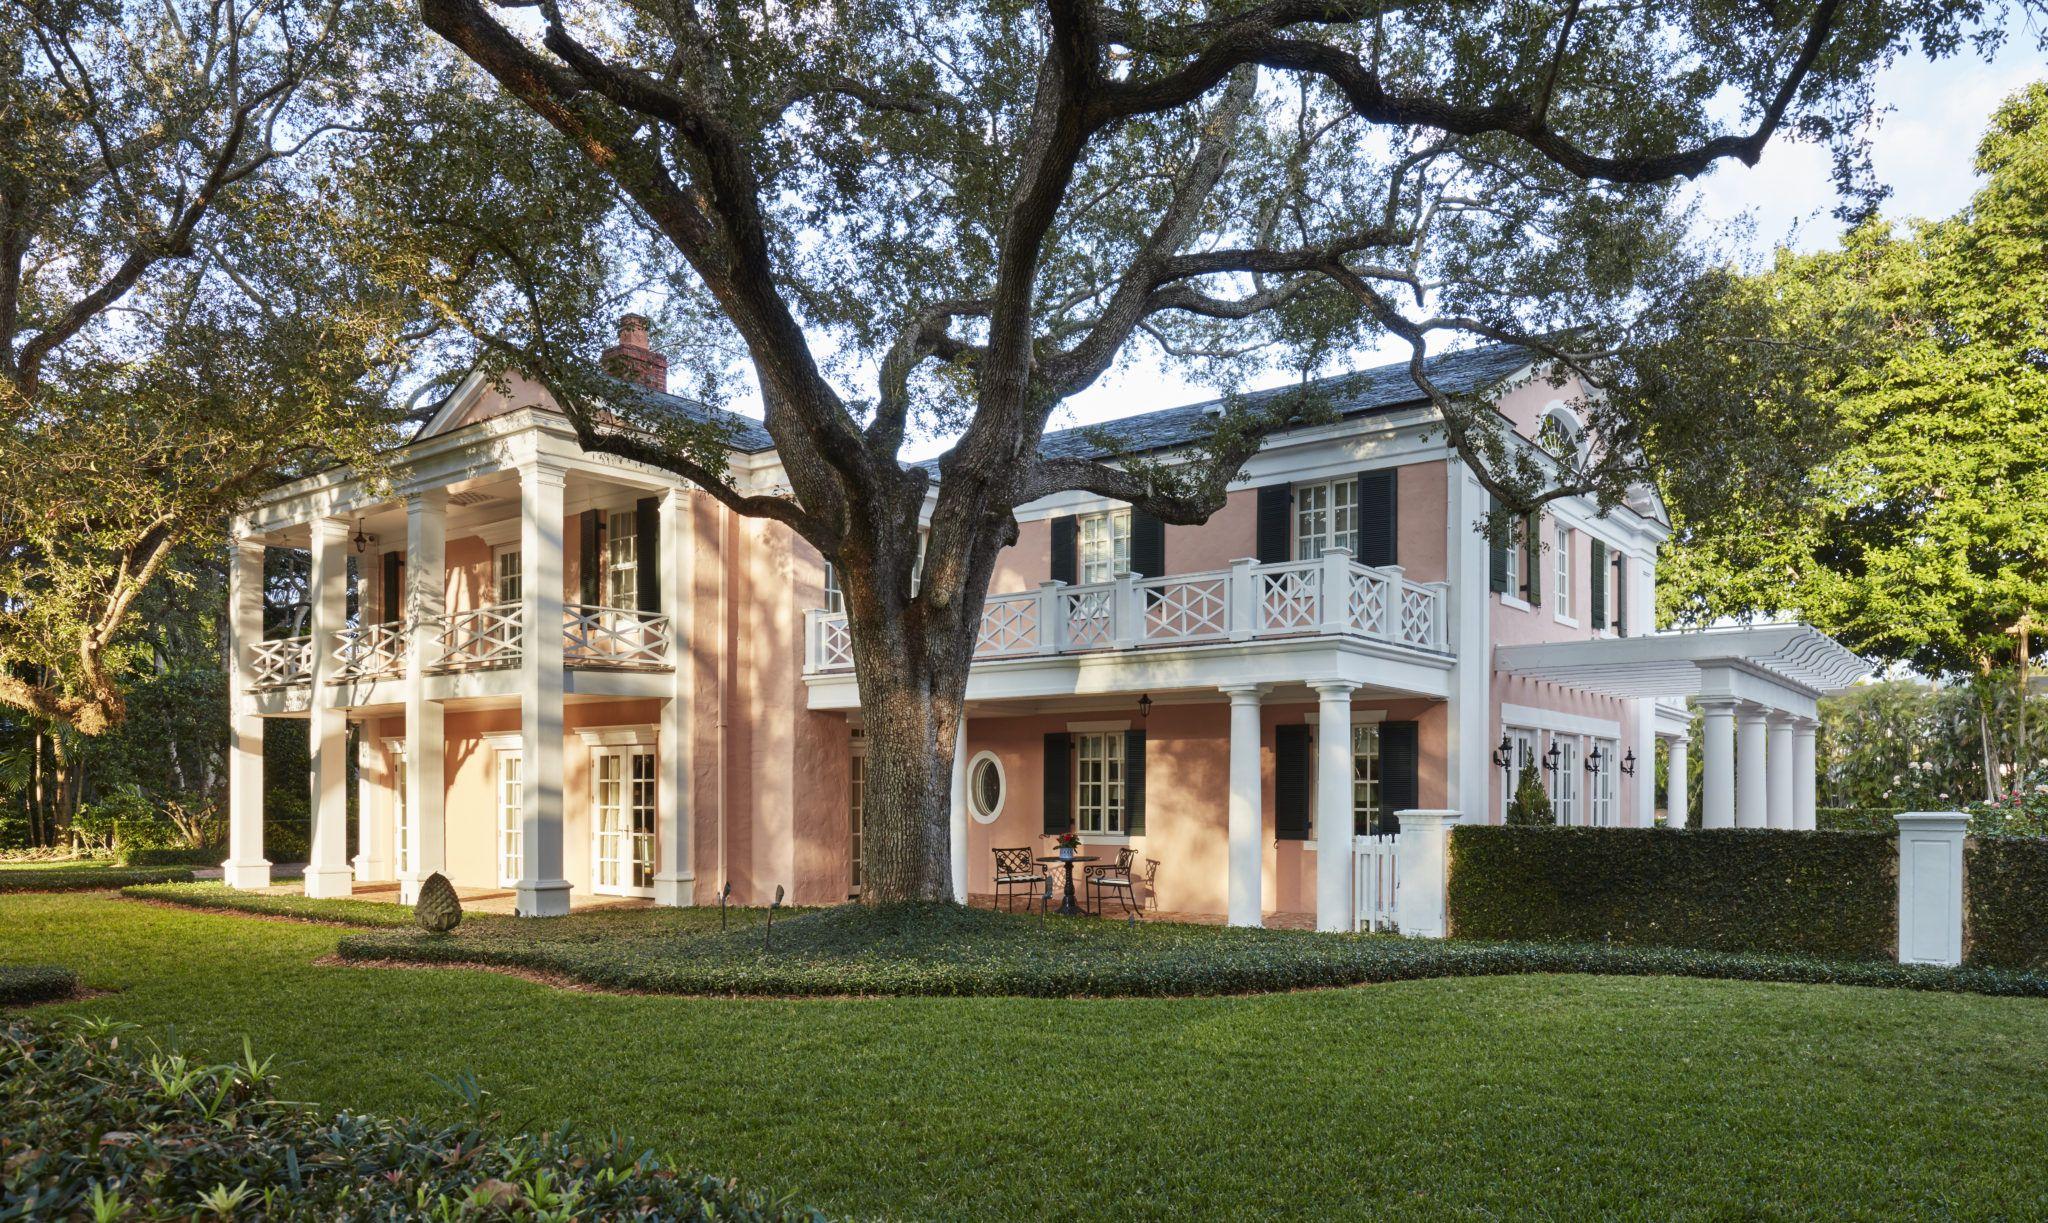 e4c6333c2a257f0dddc043e783e024c1 - Coral Gables Merrick House And Gardens